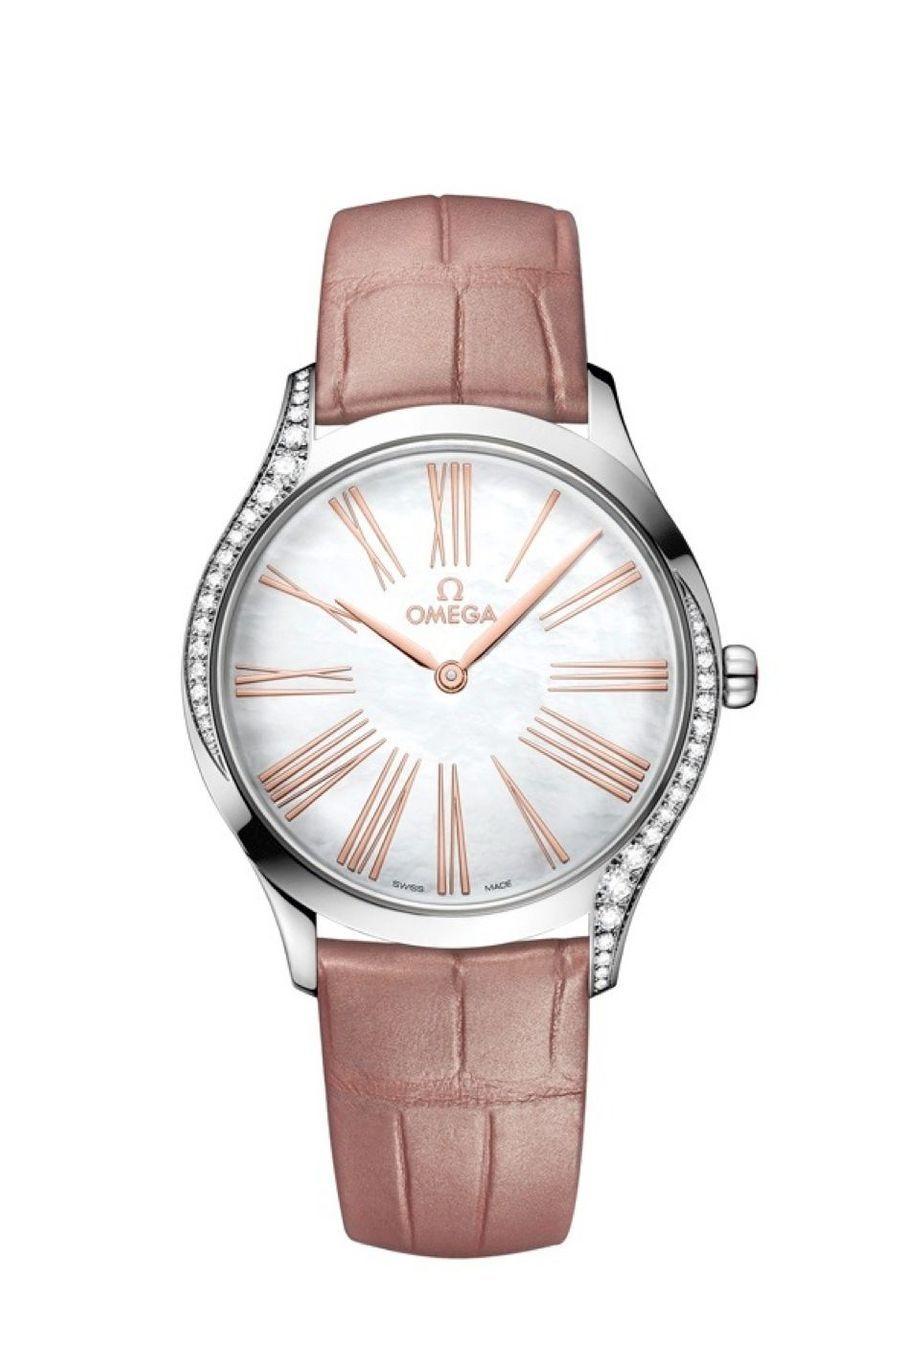 Trésor en acier, lunette partiellement sertie de diamants, cadran en nacre, bracelet en alligator, Omega. 4 100 €.